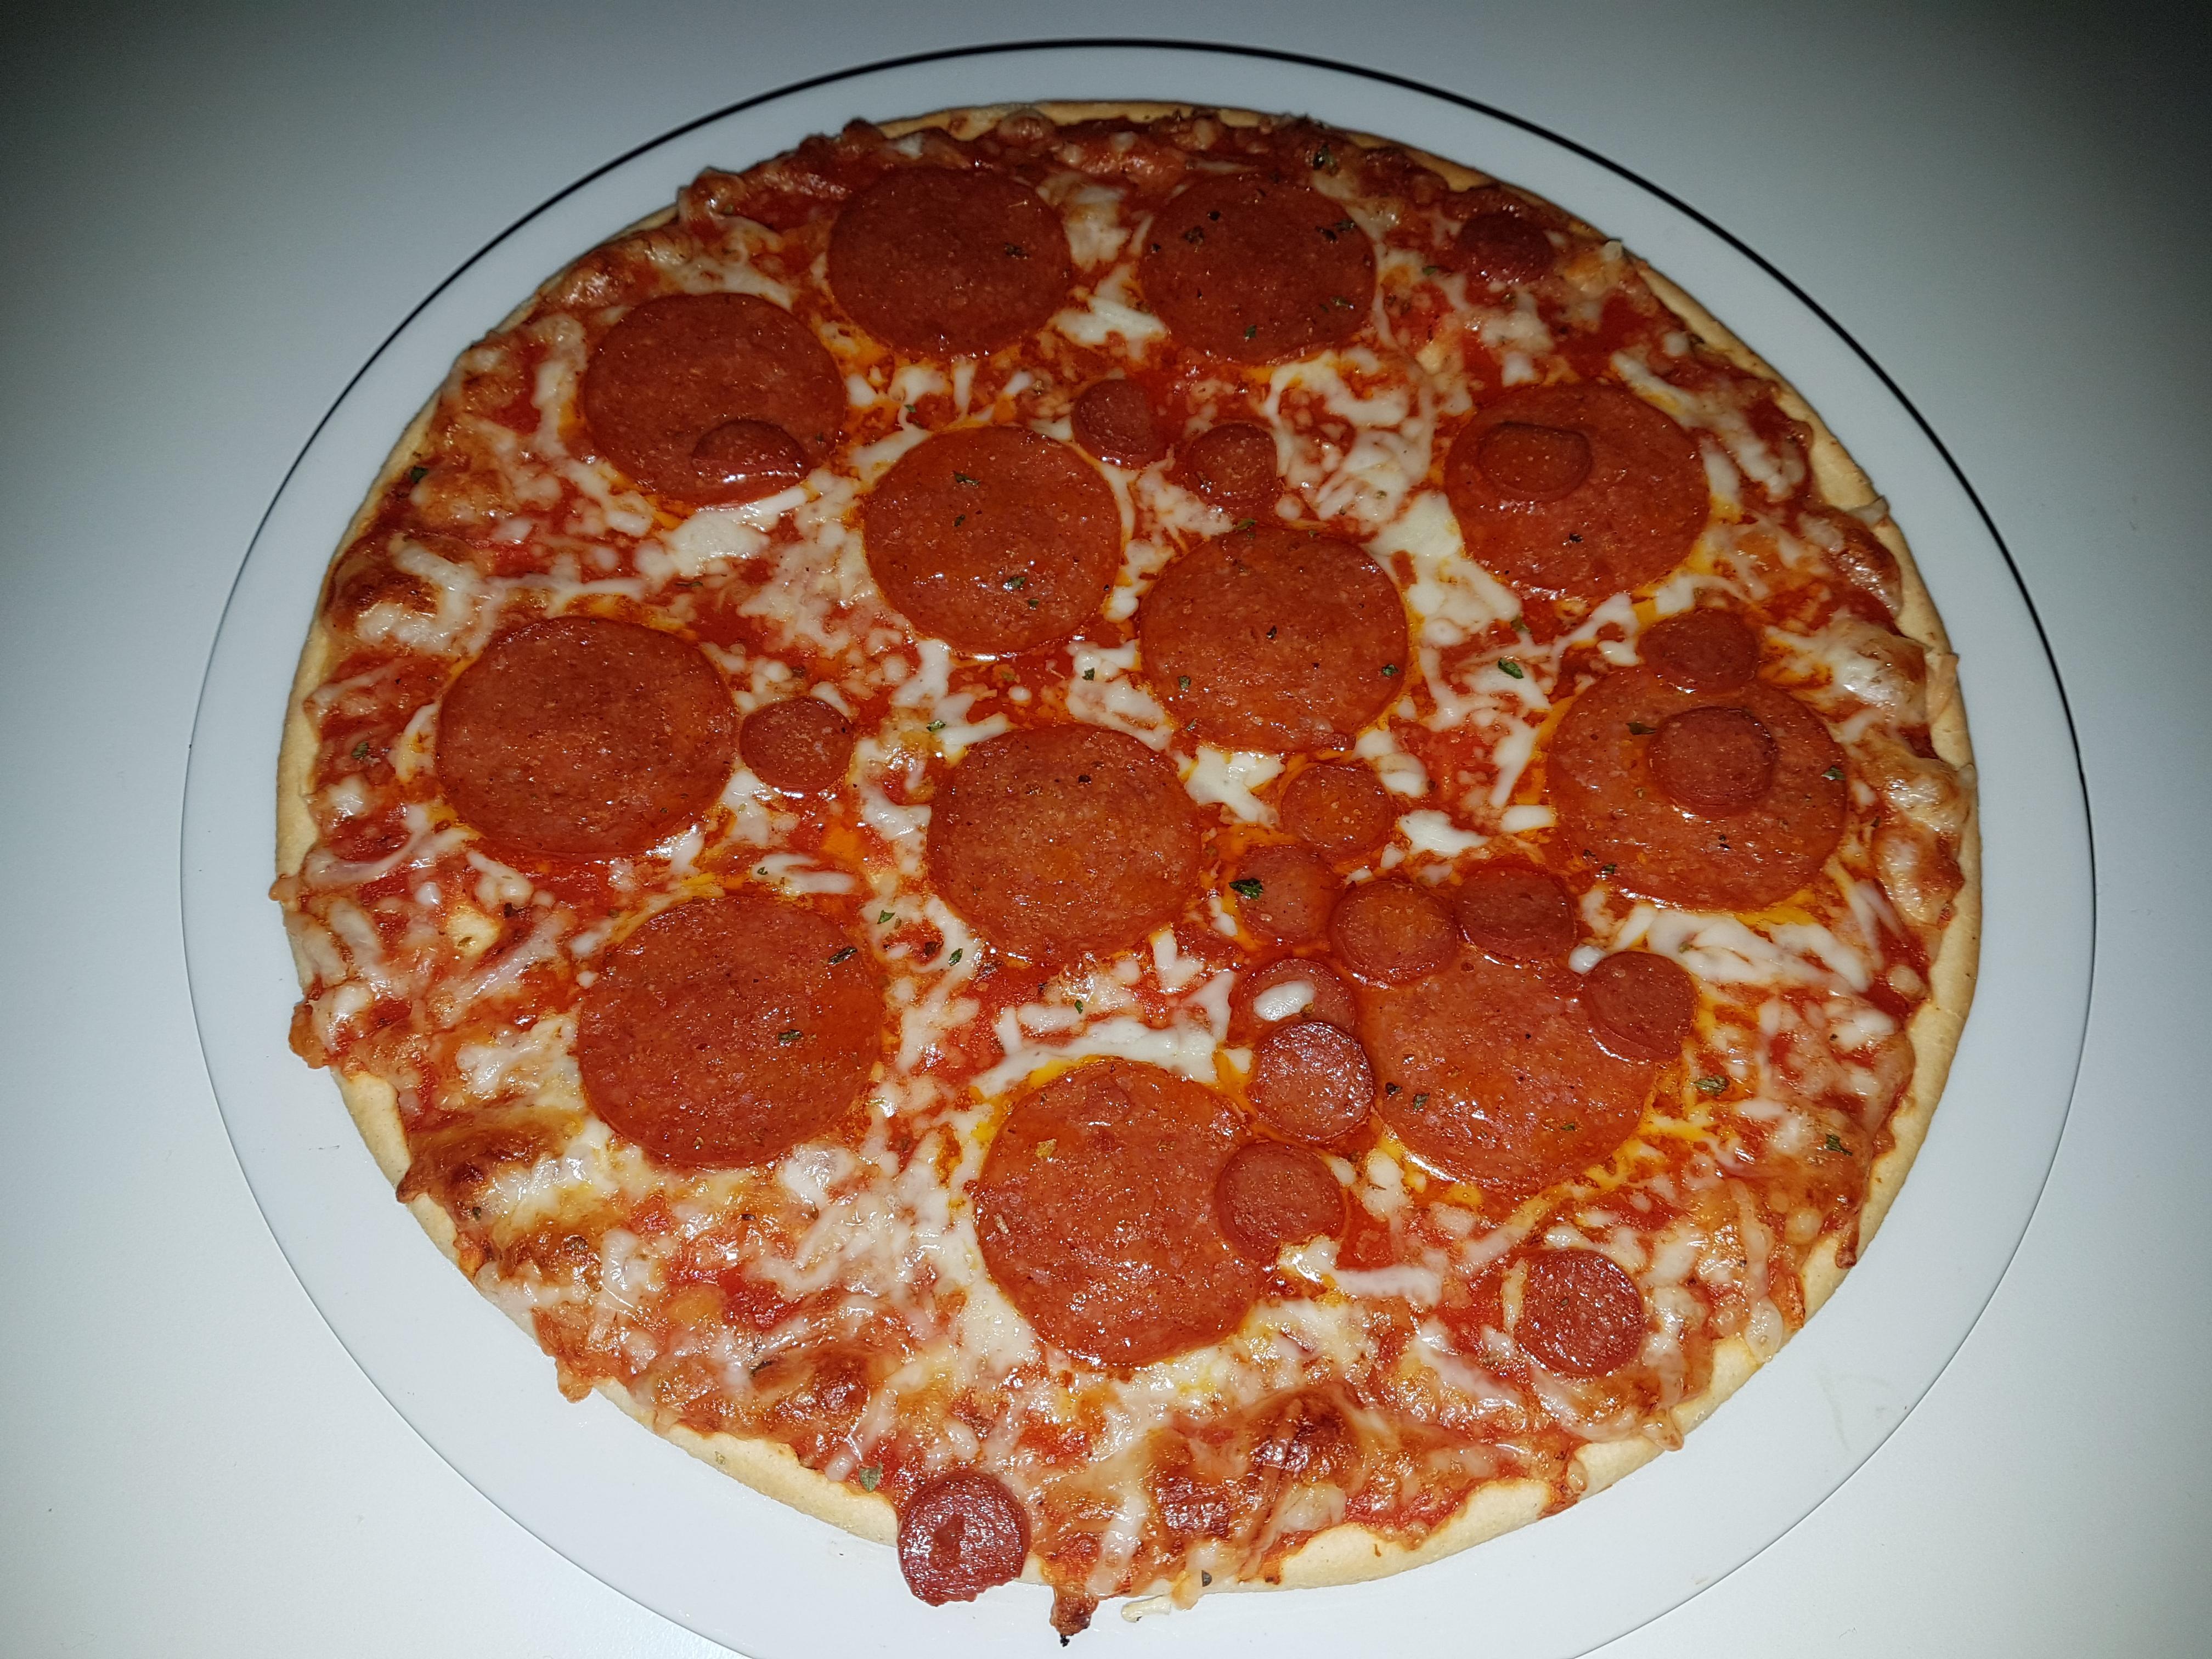 https://foodloader.net/Holz_2020-01-15_Pizza.jpg